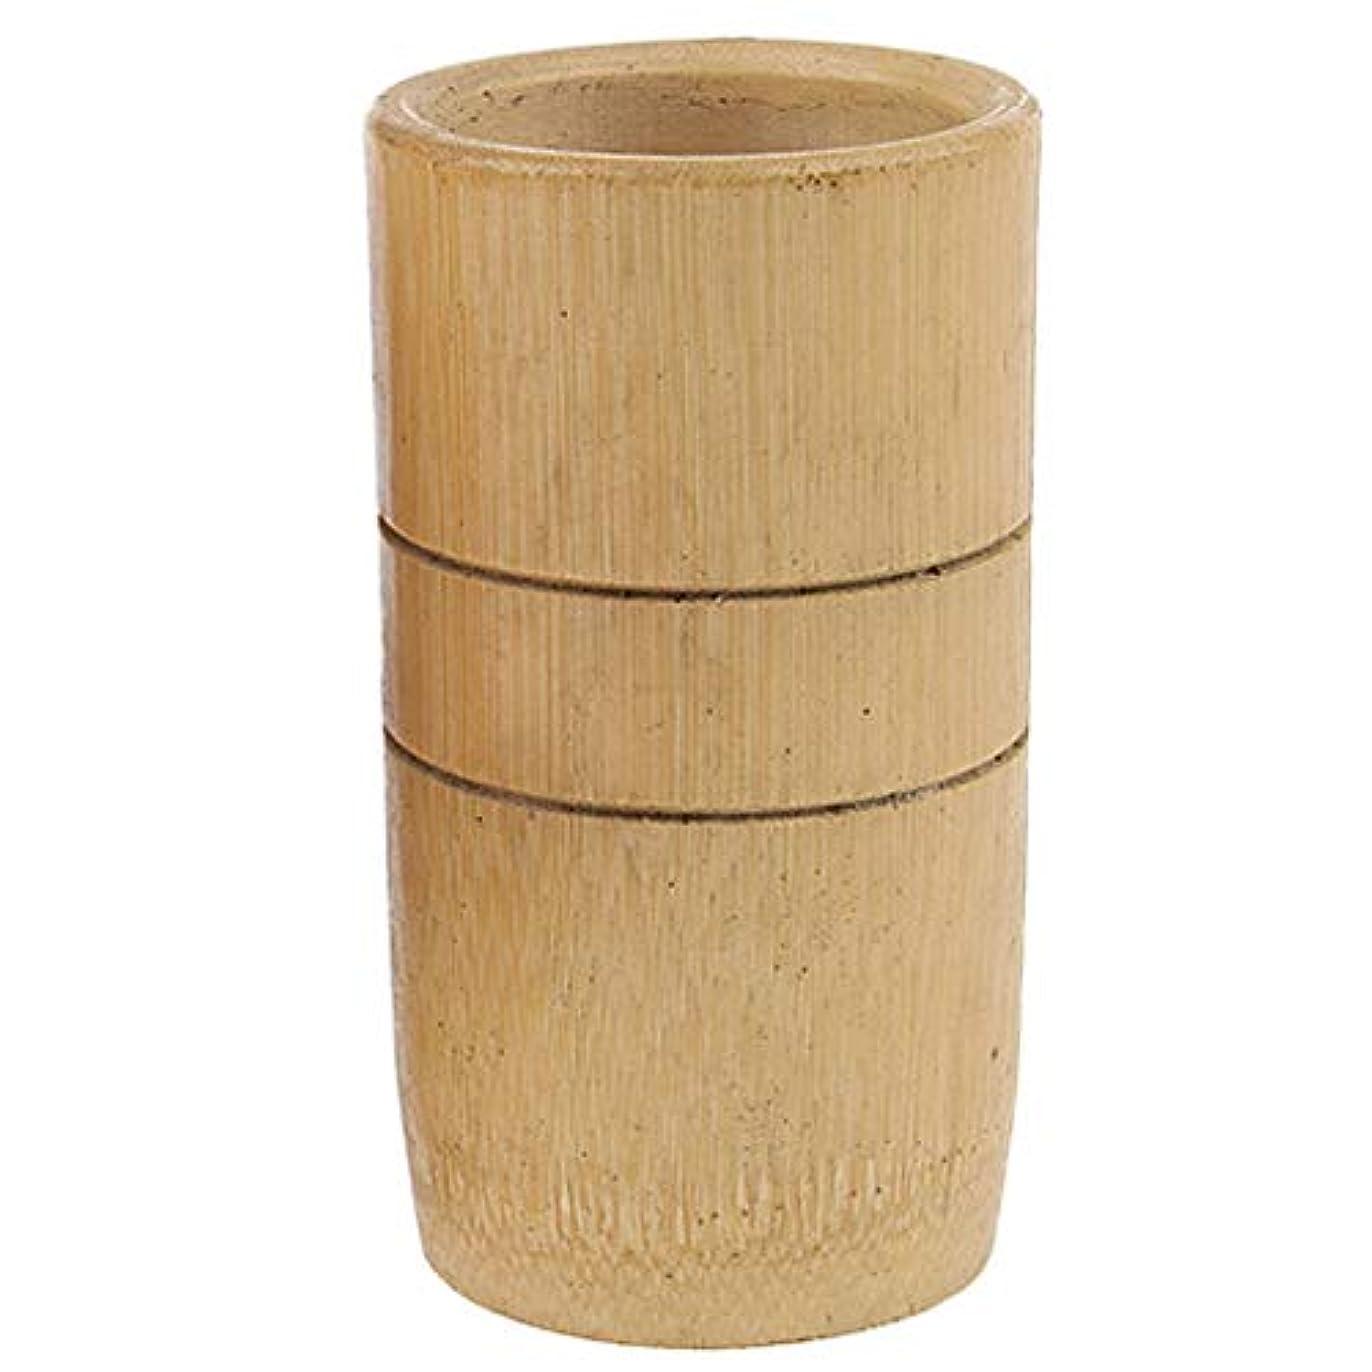 ドライバ手綱分解するマッサージ吸い玉 カッピング マッサージカップ 天然竹製 ユニセックス 2個入